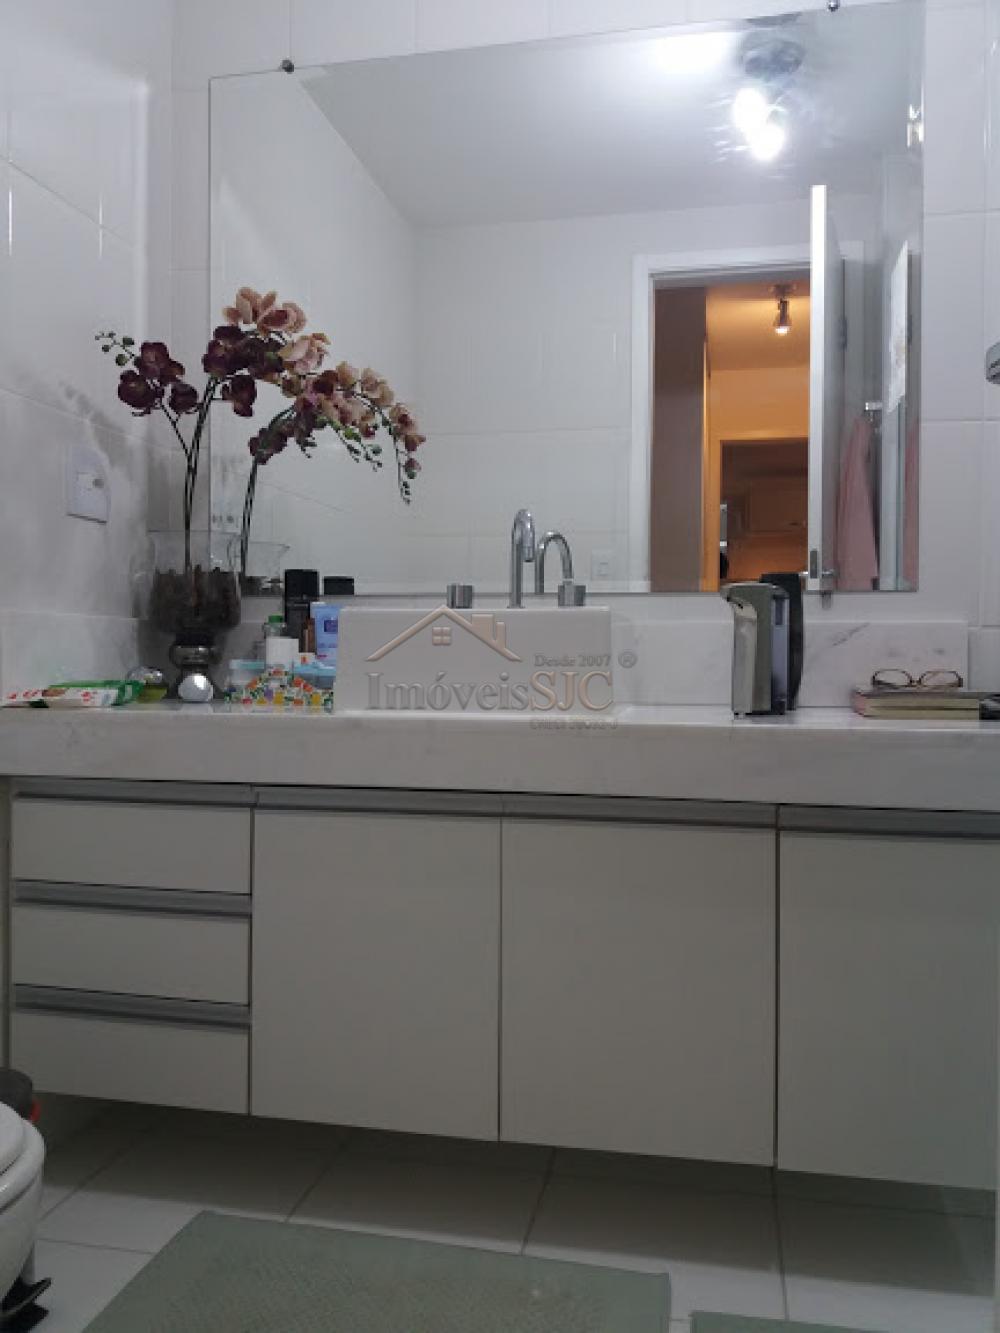 Comprar Apartamentos / Padrão em São José dos Campos apenas R$ 900.000,00 - Foto 15